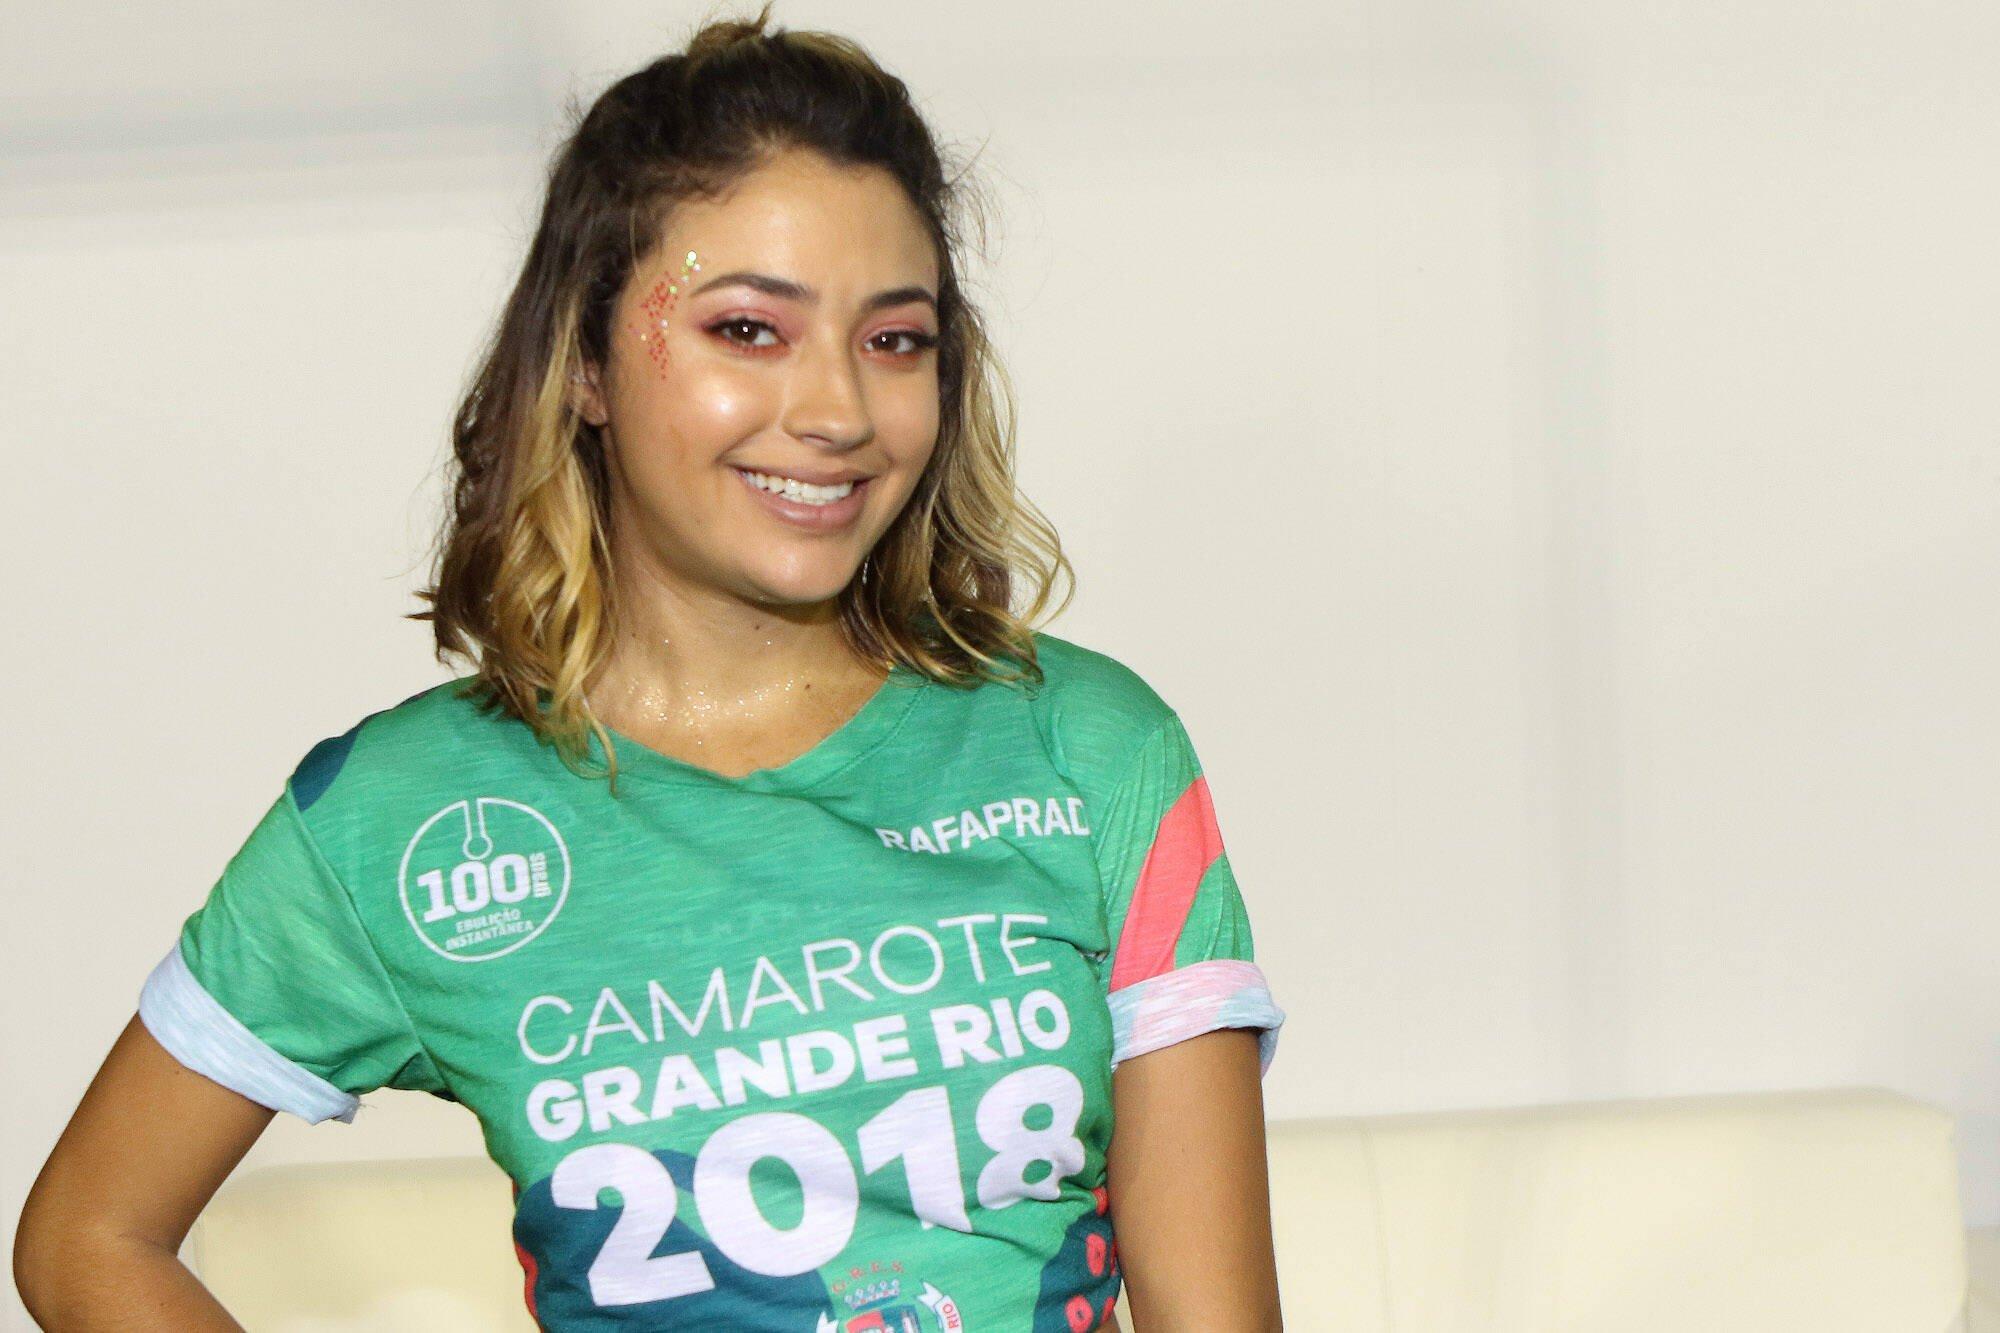 Carol Oliveira no Camarote Grande Rio que se transformou no Cassino do Chacrinha na noite do último domingo (11). Foto: ENY MIRANDA/DIVULGAÇÃO